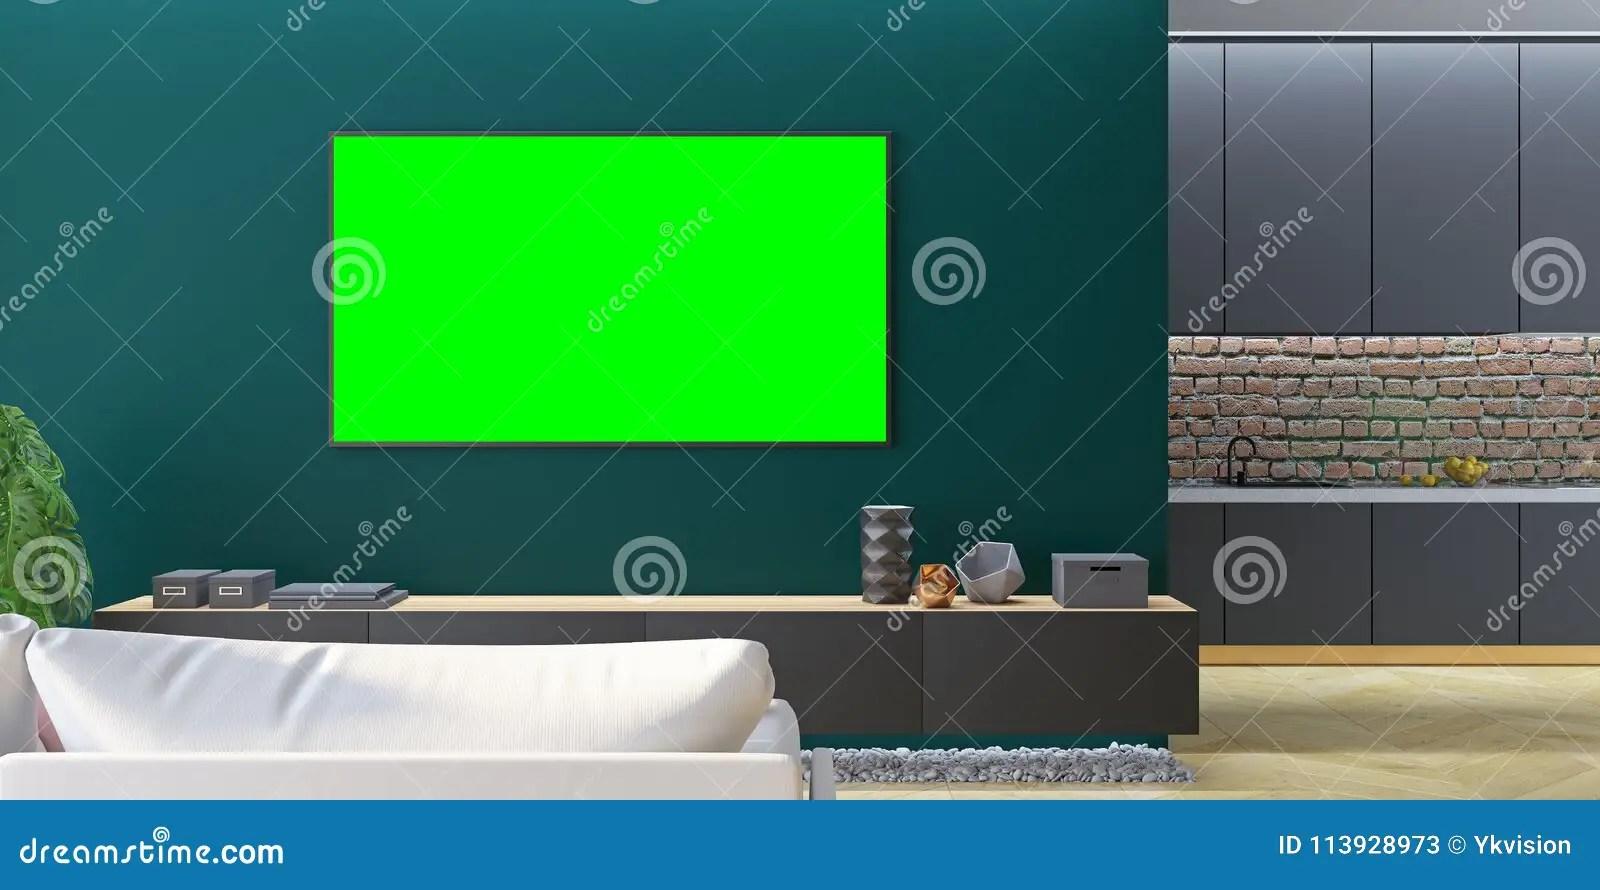 kitchen console containers 绿色客厅电视嘲笑与沙发 厨房 控制台库存例证 插画包括有现代 拱道 控制台